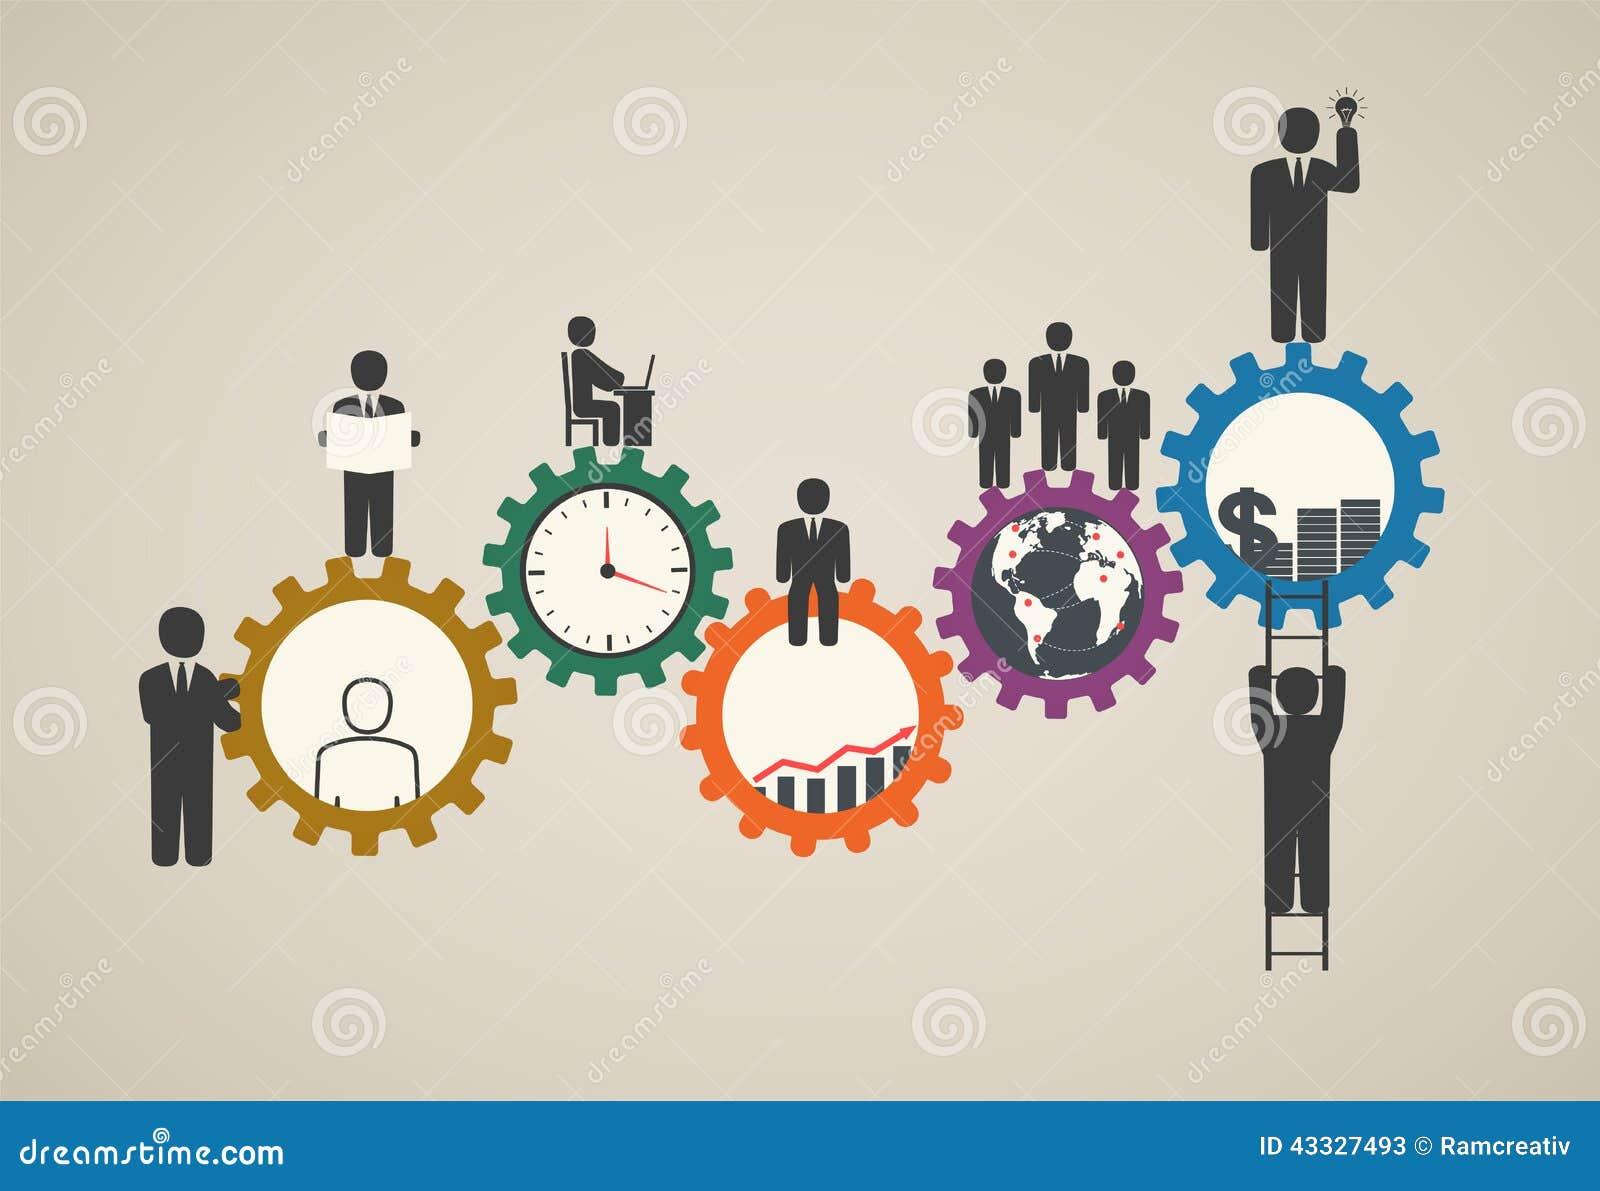 Arbeitskräfte, Teamfunktion, Geschäftsleute in der Bewegung, Motivation für Erfolg